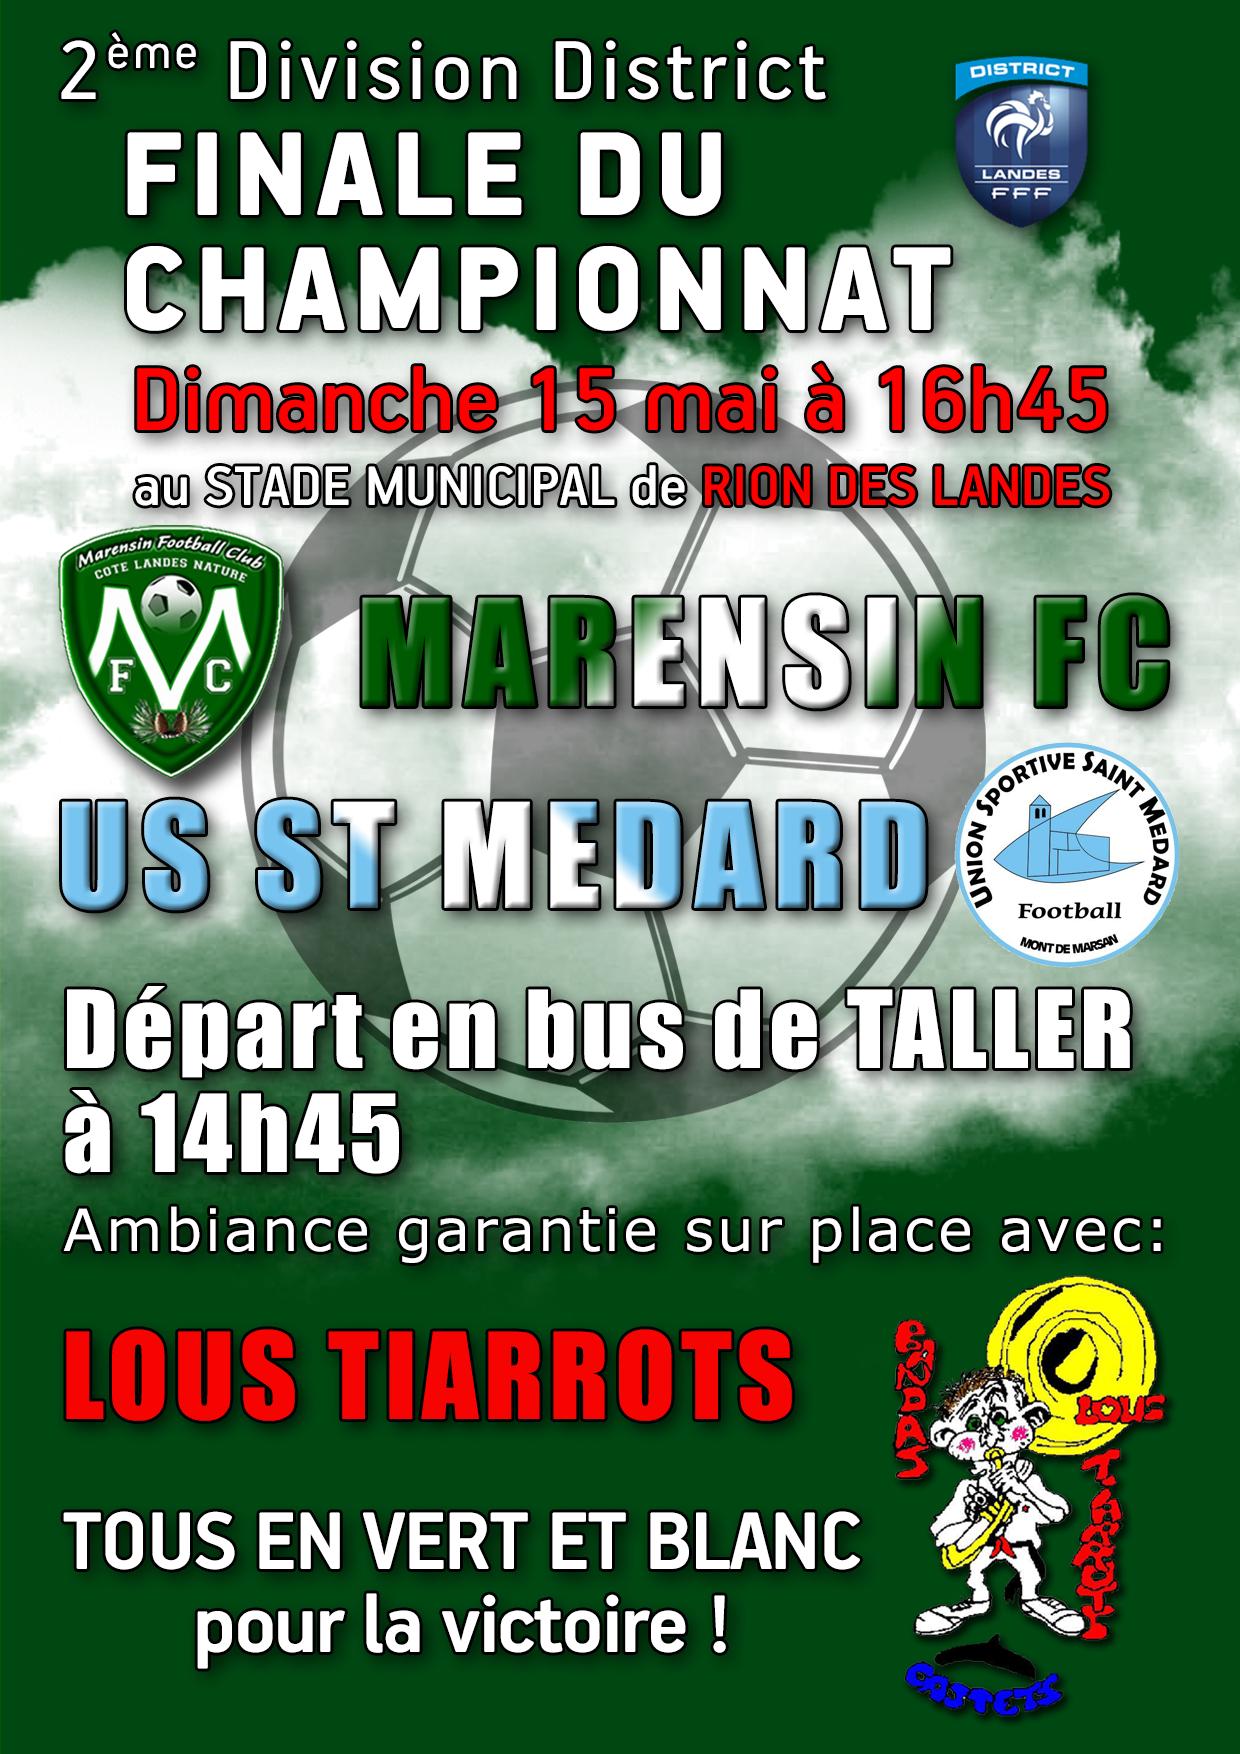 Finale championnat Marensin FC - US St-Médard